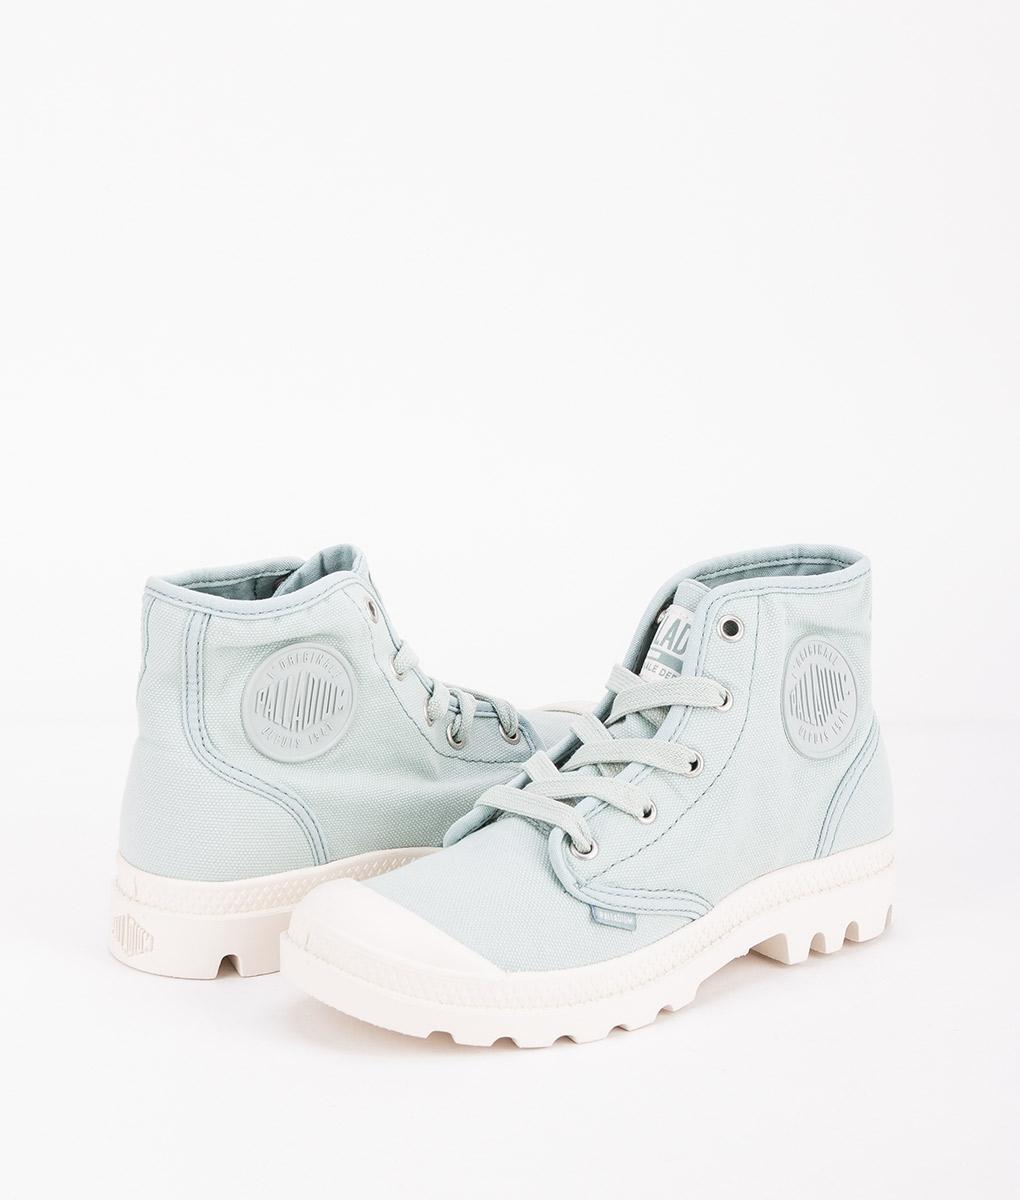 PALLADIUM Women Sneakers 92352 PAMPA HI, Gray Mist Marshmallow 74.99